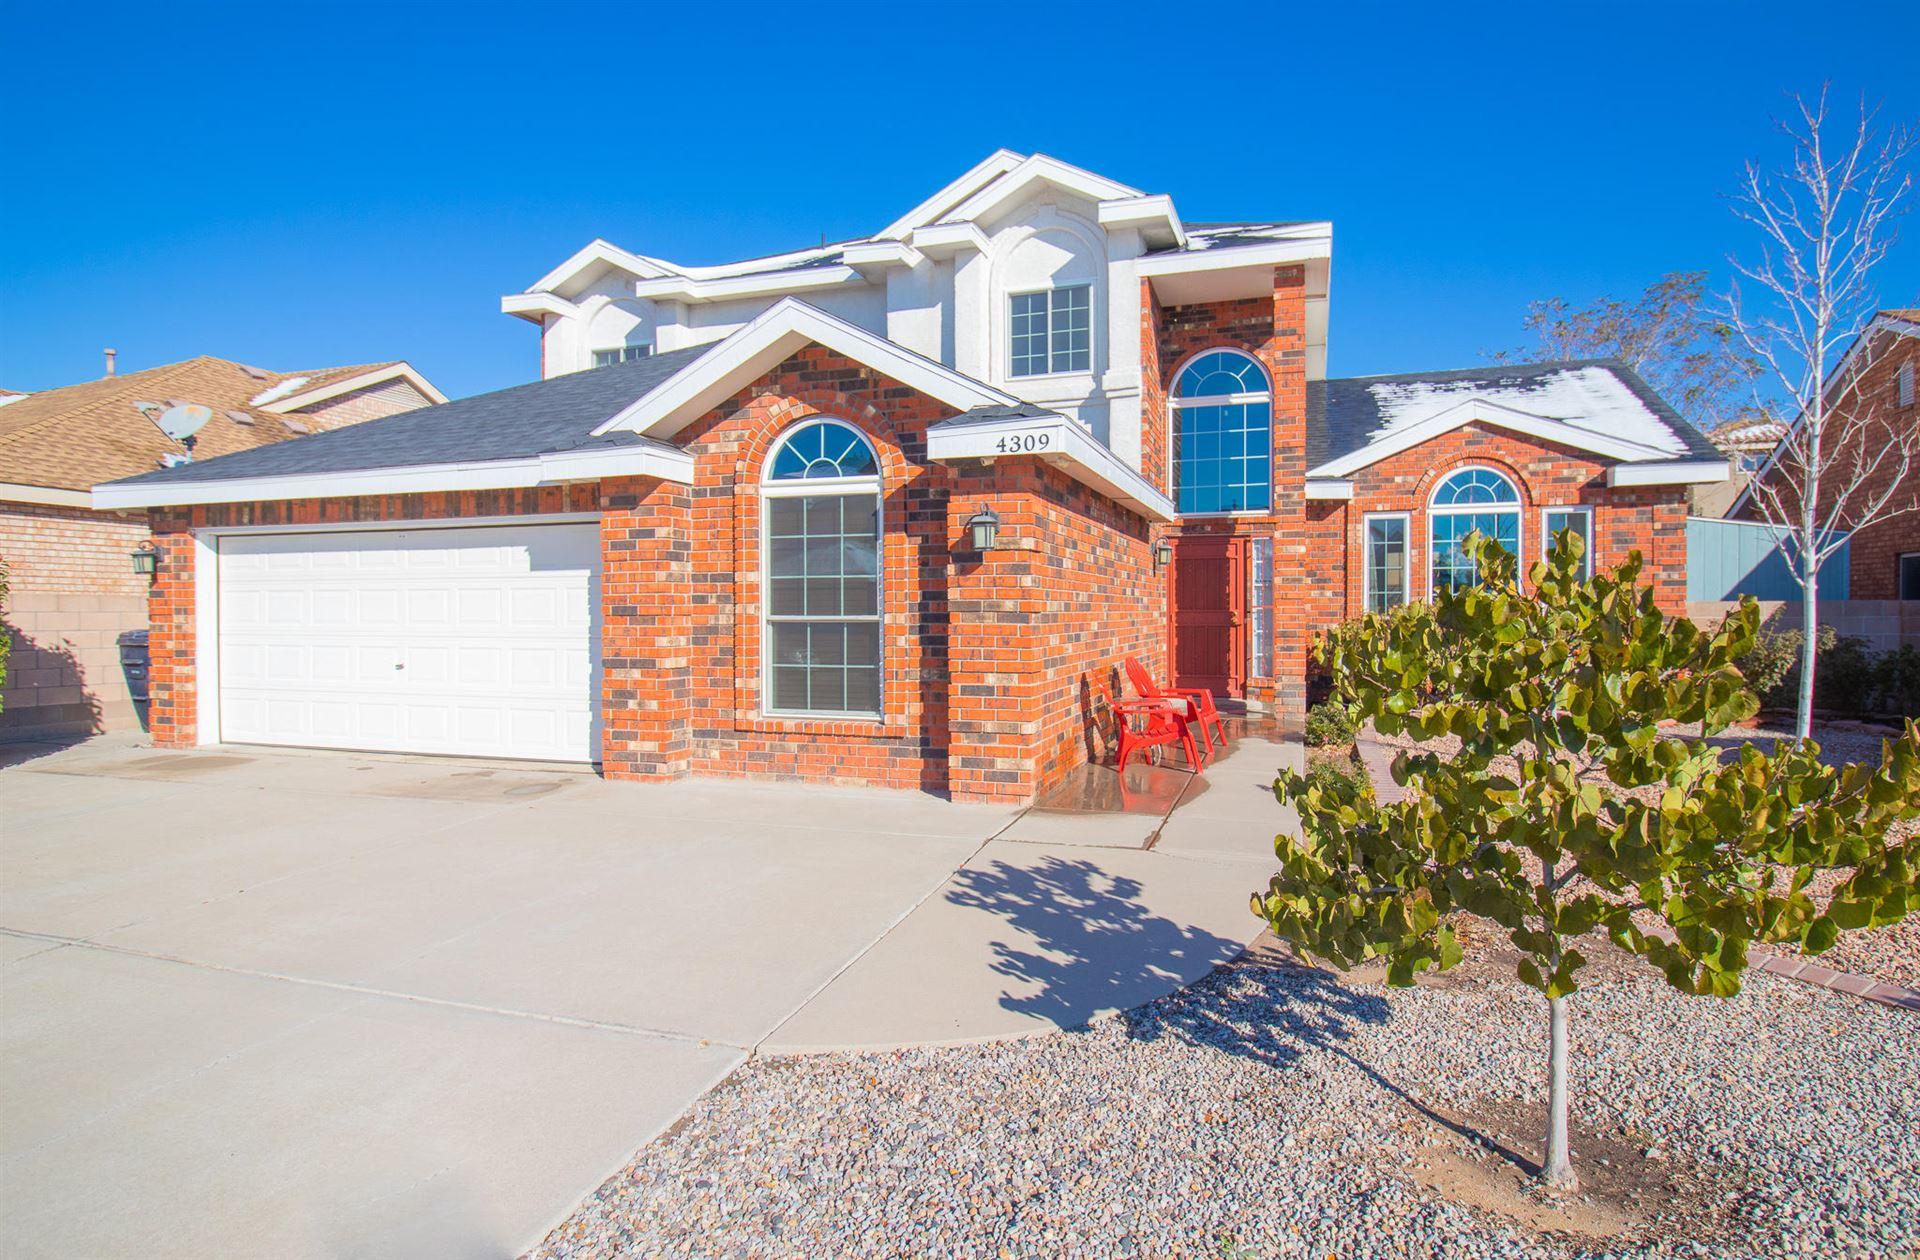 Photo of 4309 Rosecliff Avenue NW, Albuquerque, NM 87114 (MLS # 980141)